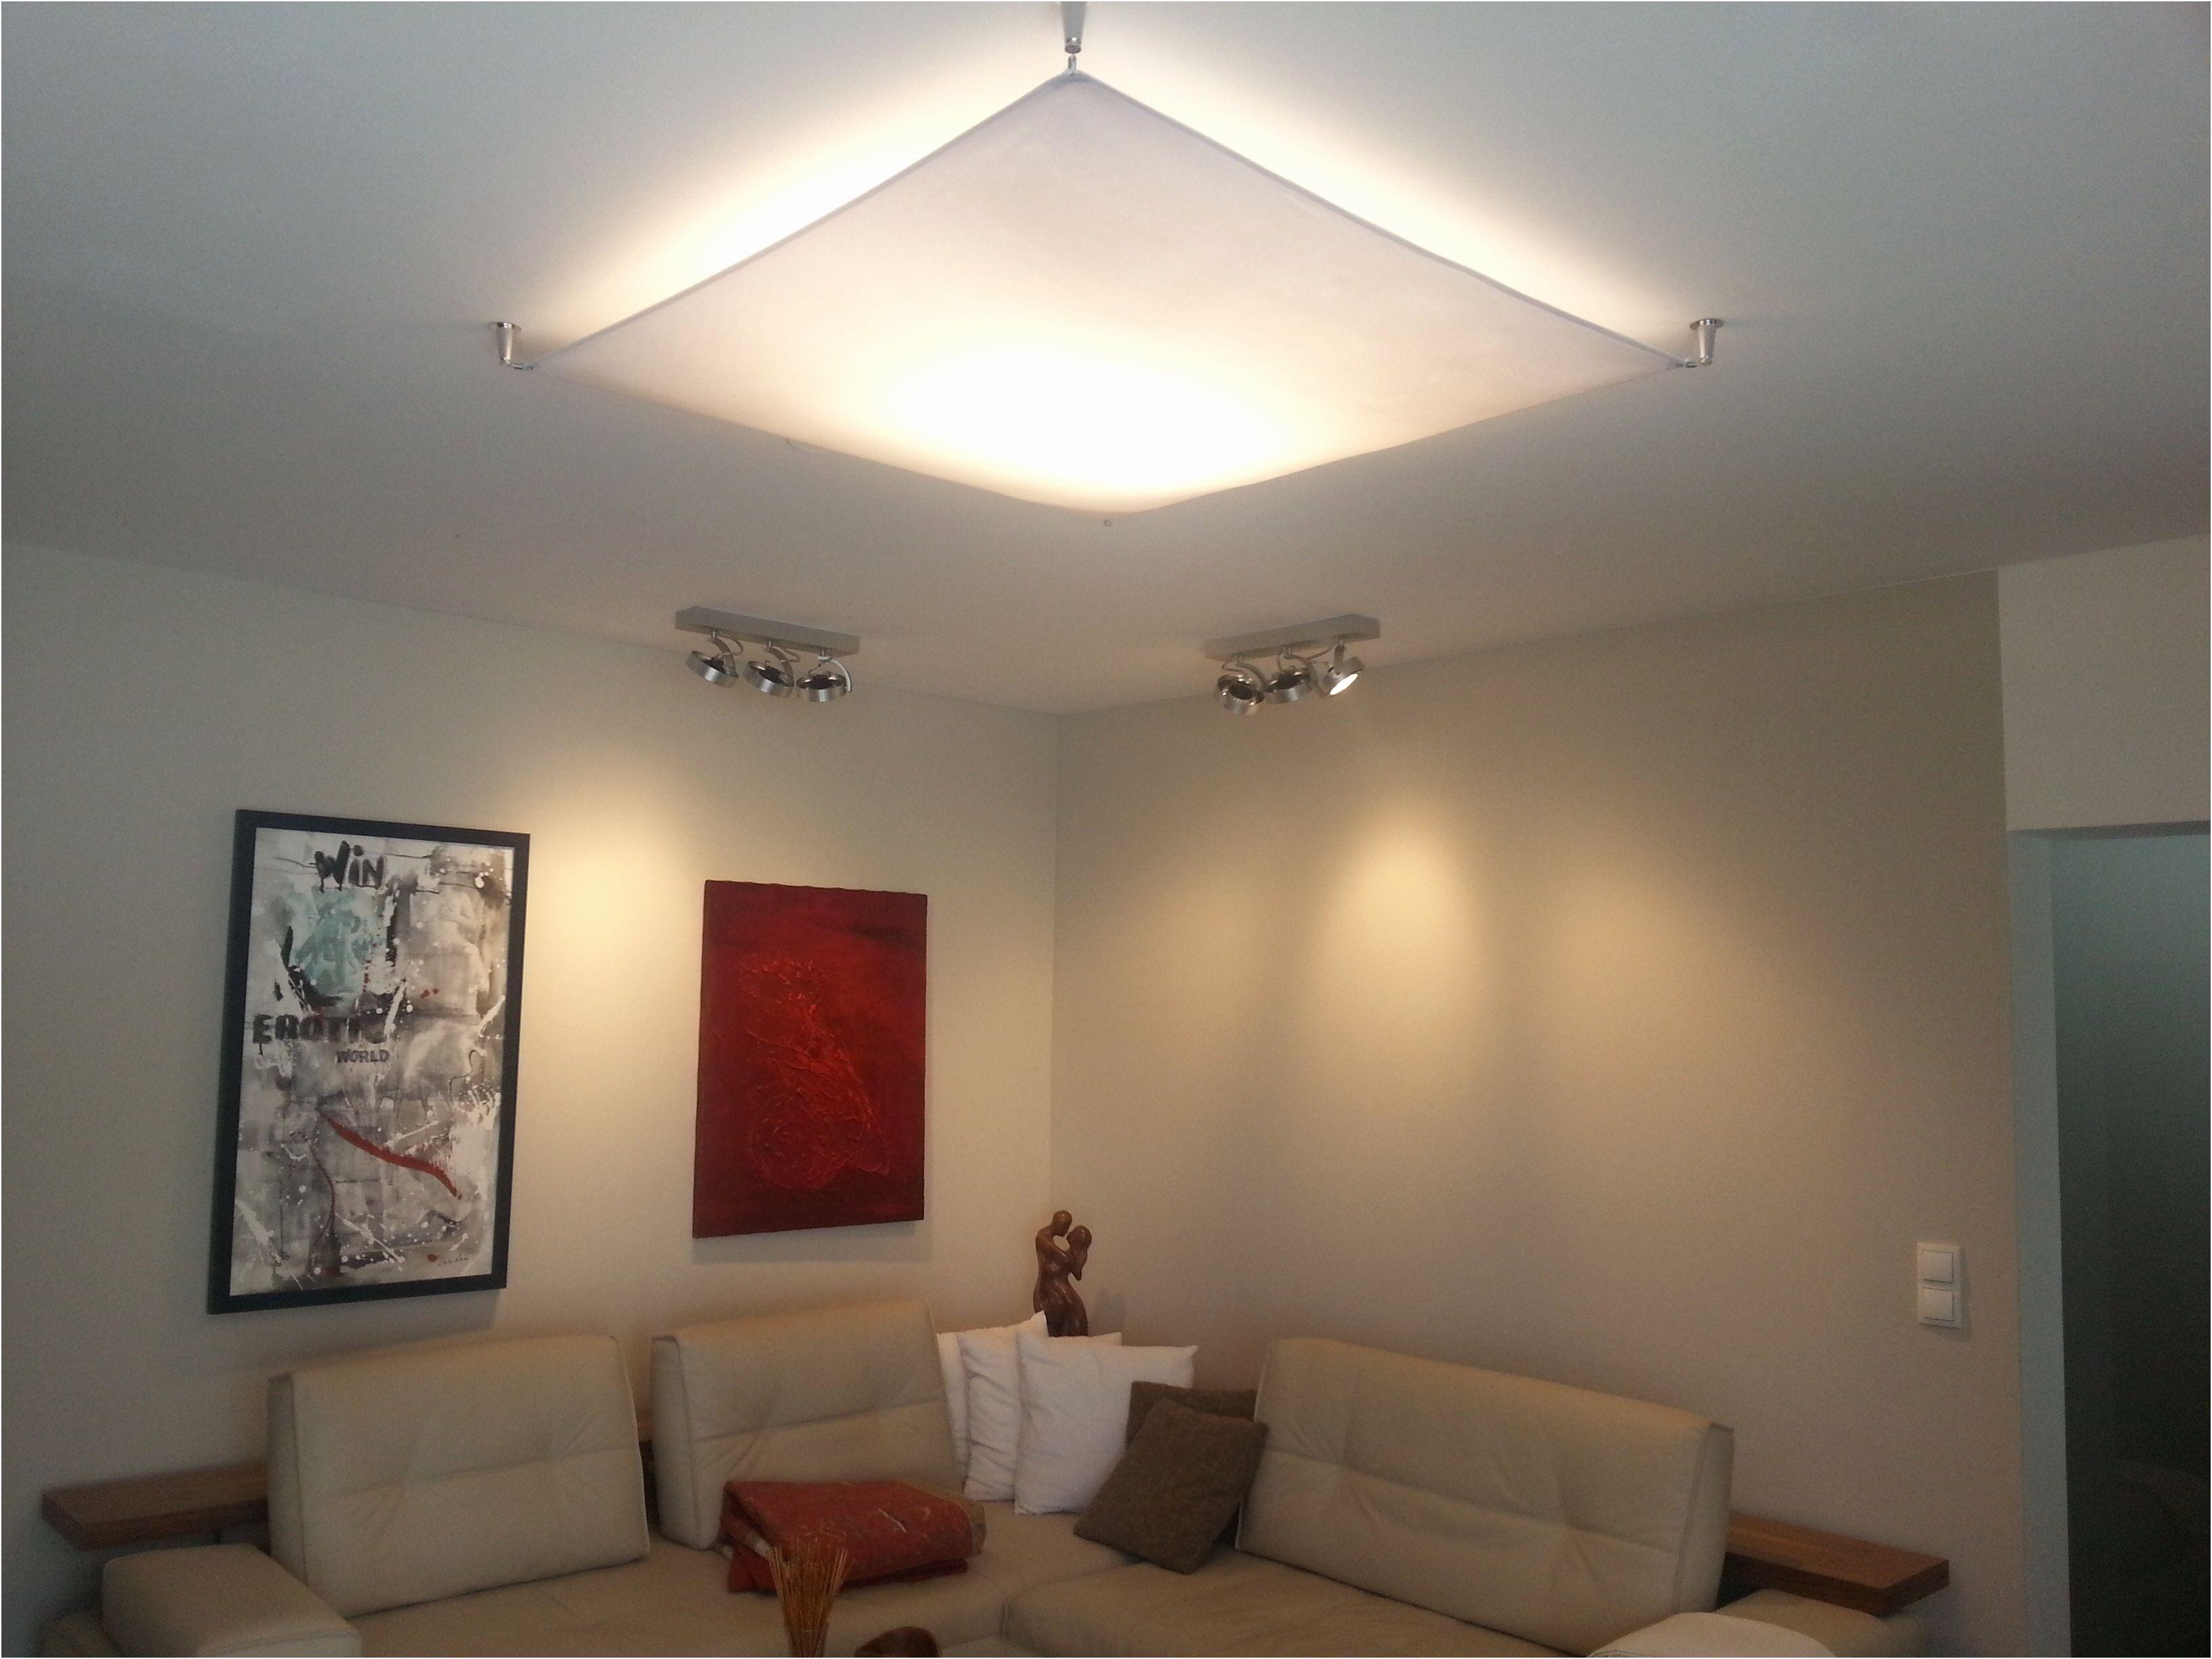 Badezimmerlampe Decke ~ Wohndesign wunderschön lampe decke ideen from lampe flur decke